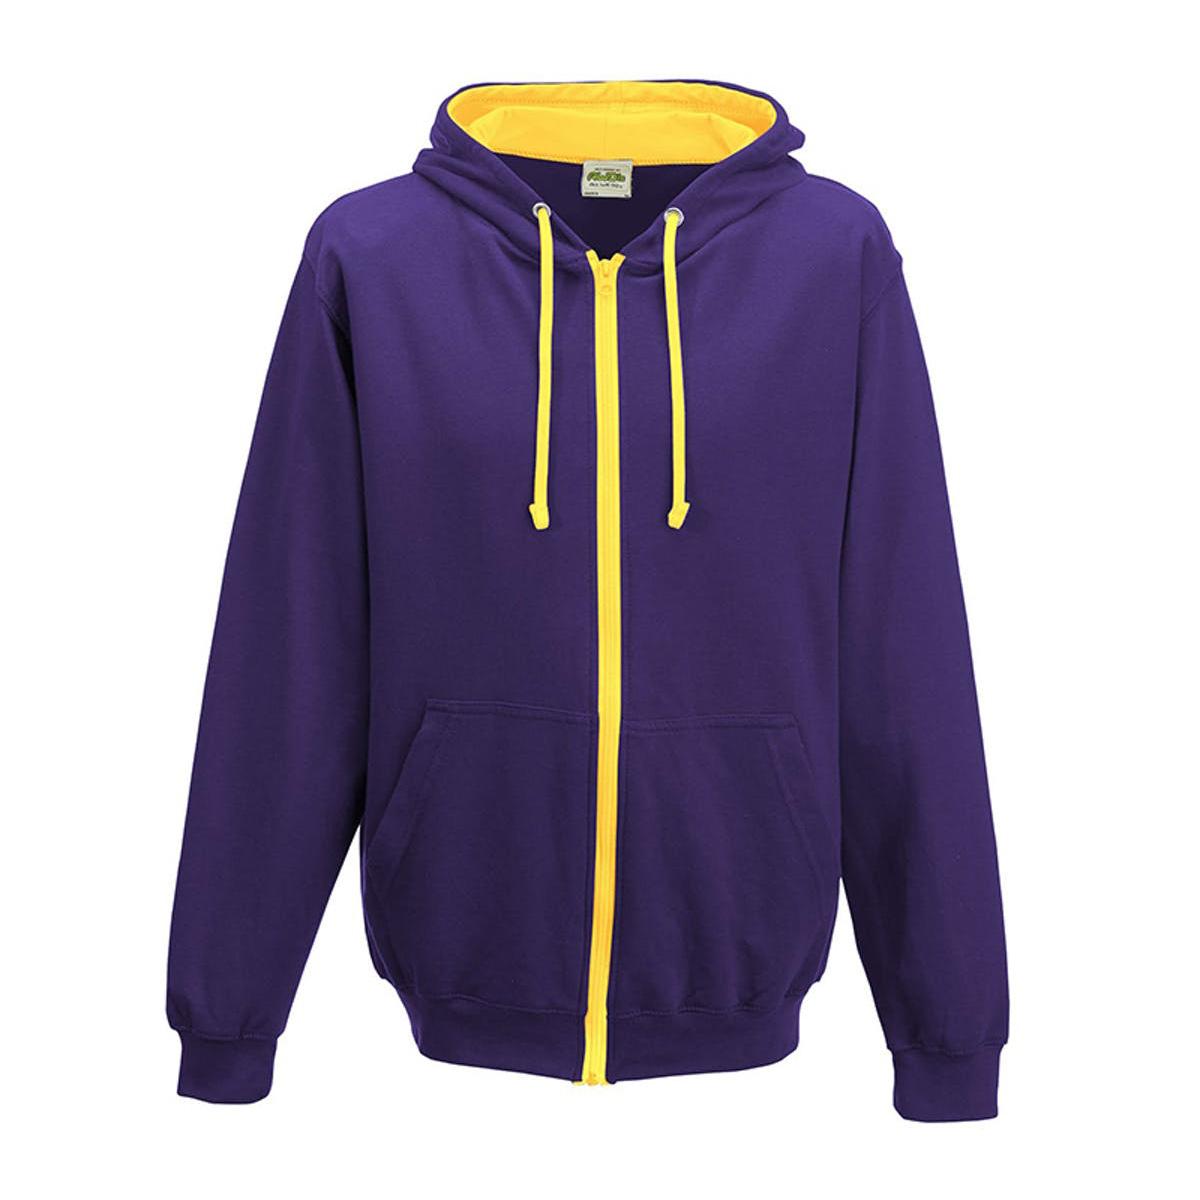 D01_jh53j_purple--0-0--7092137e-4074-481b-9a3c-62f13b50d431